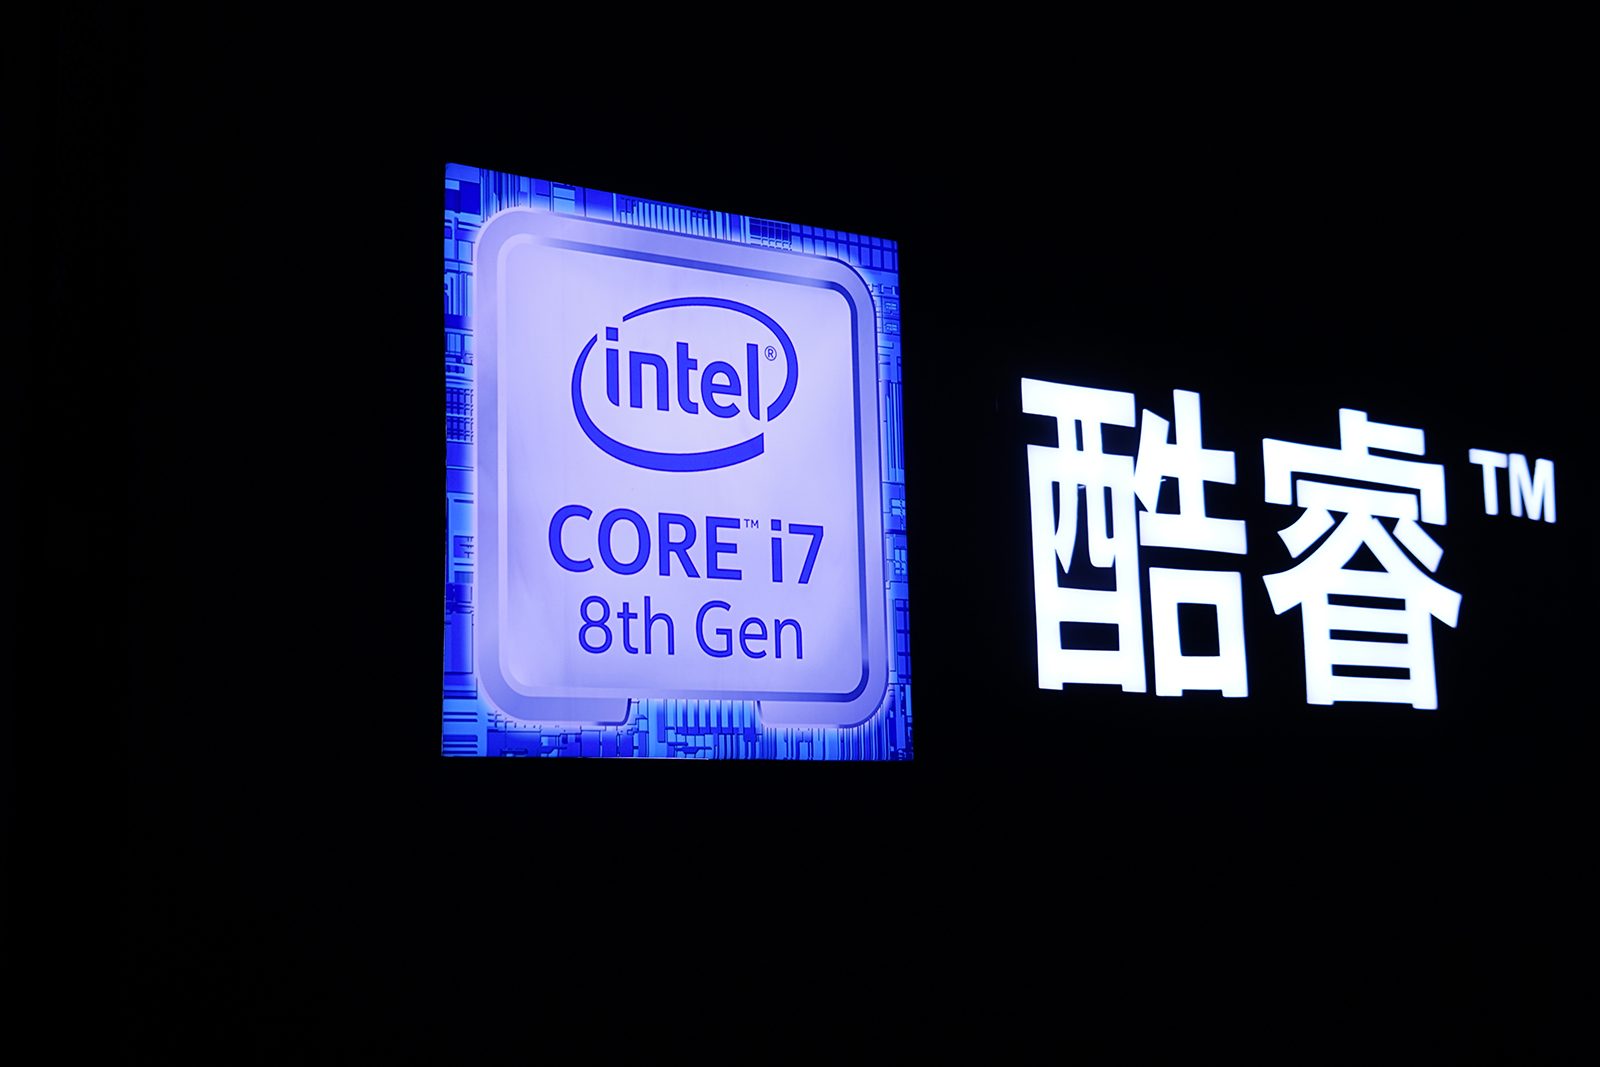 让每个人都能享受到游戏乐趣 Intel助力电竞产业发展